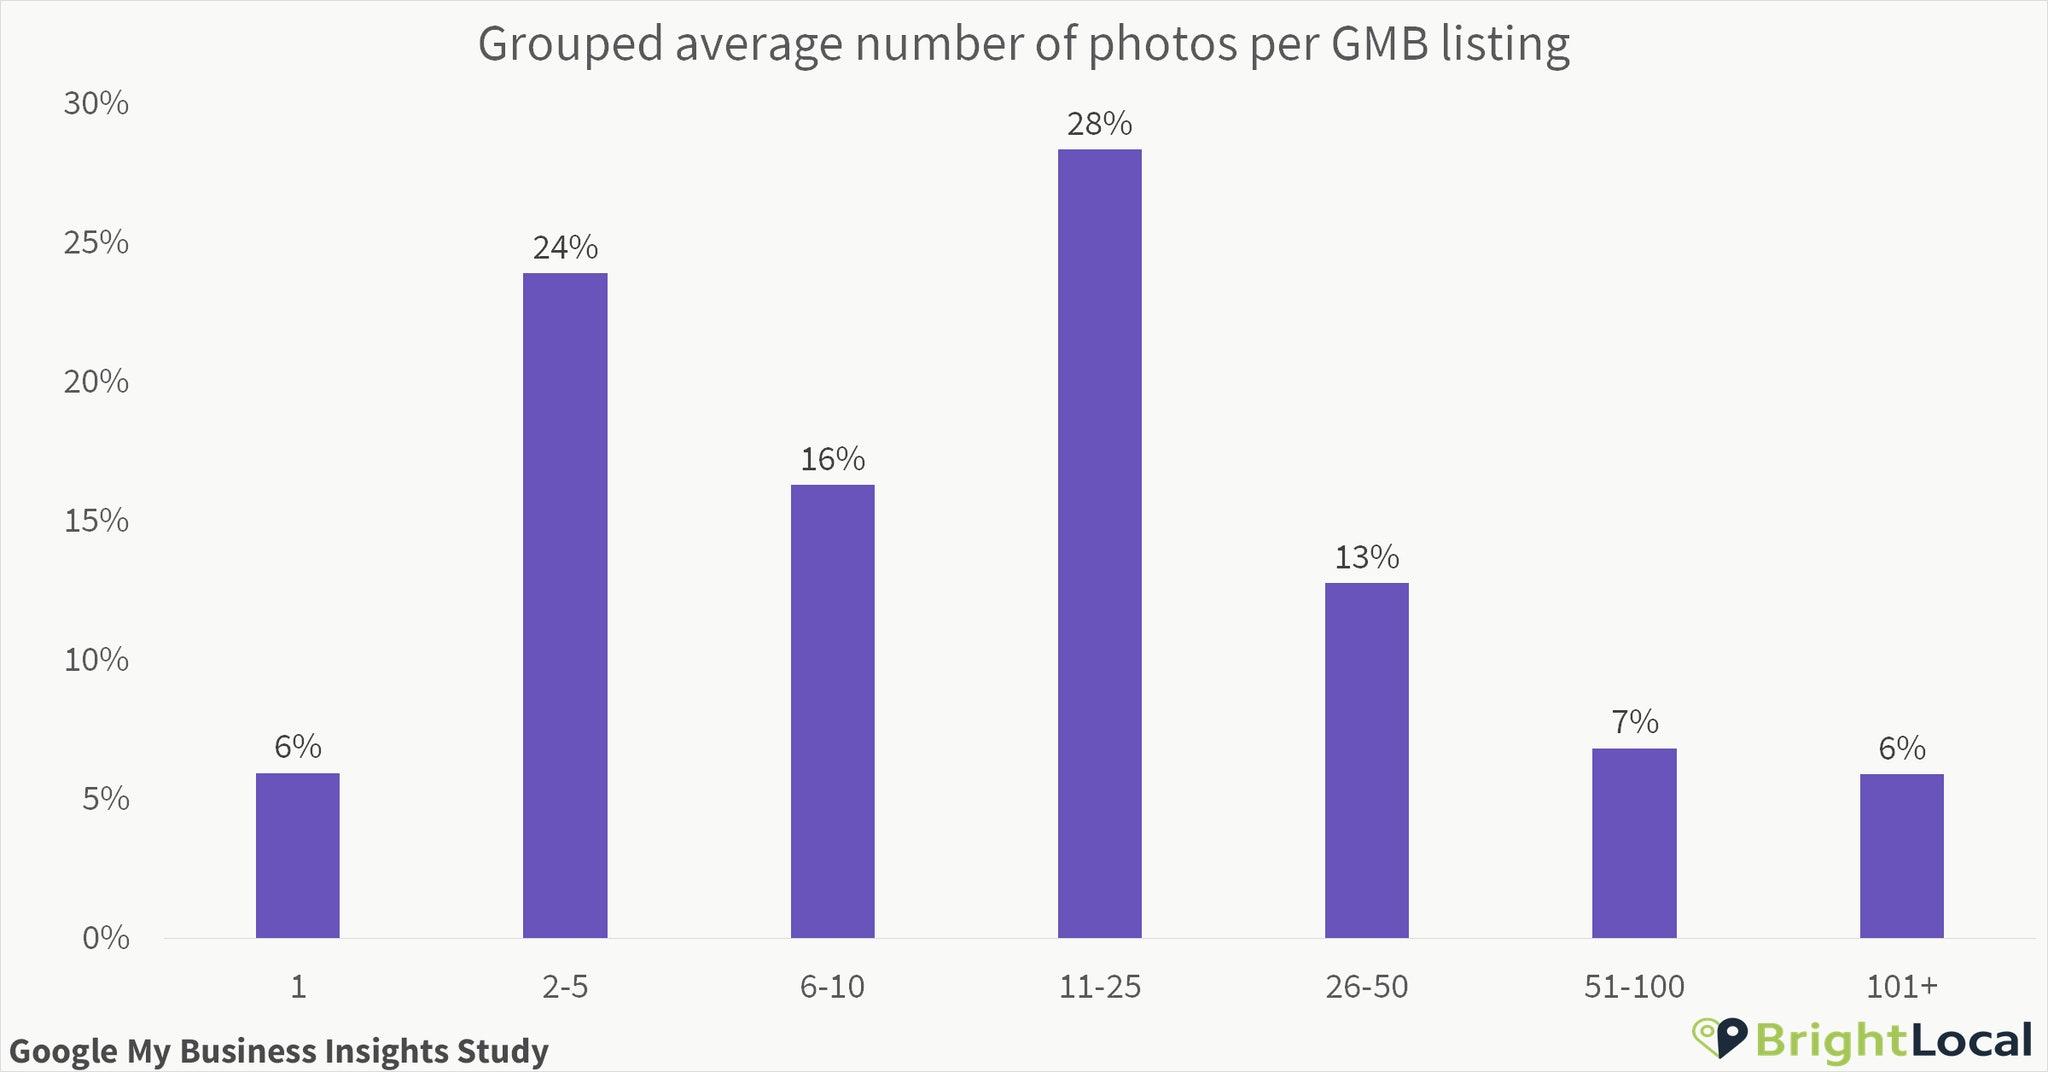 Avg. antal bilder på GMB-listningar